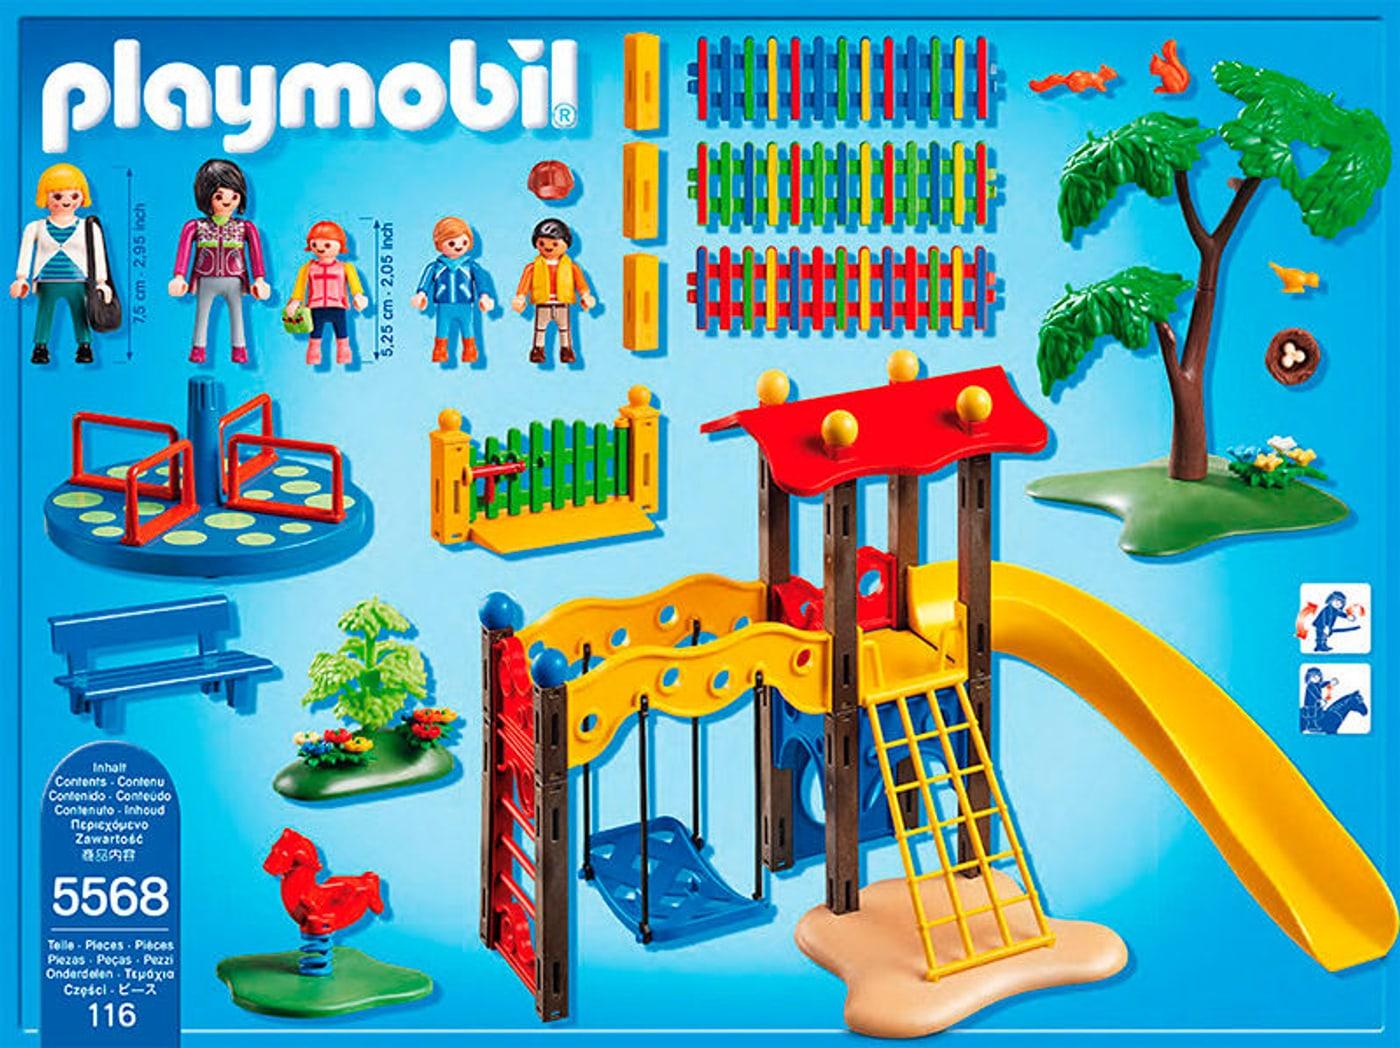 playmobil city life square pour enfants avec jeux 5568 migros. Black Bedroom Furniture Sets. Home Design Ideas